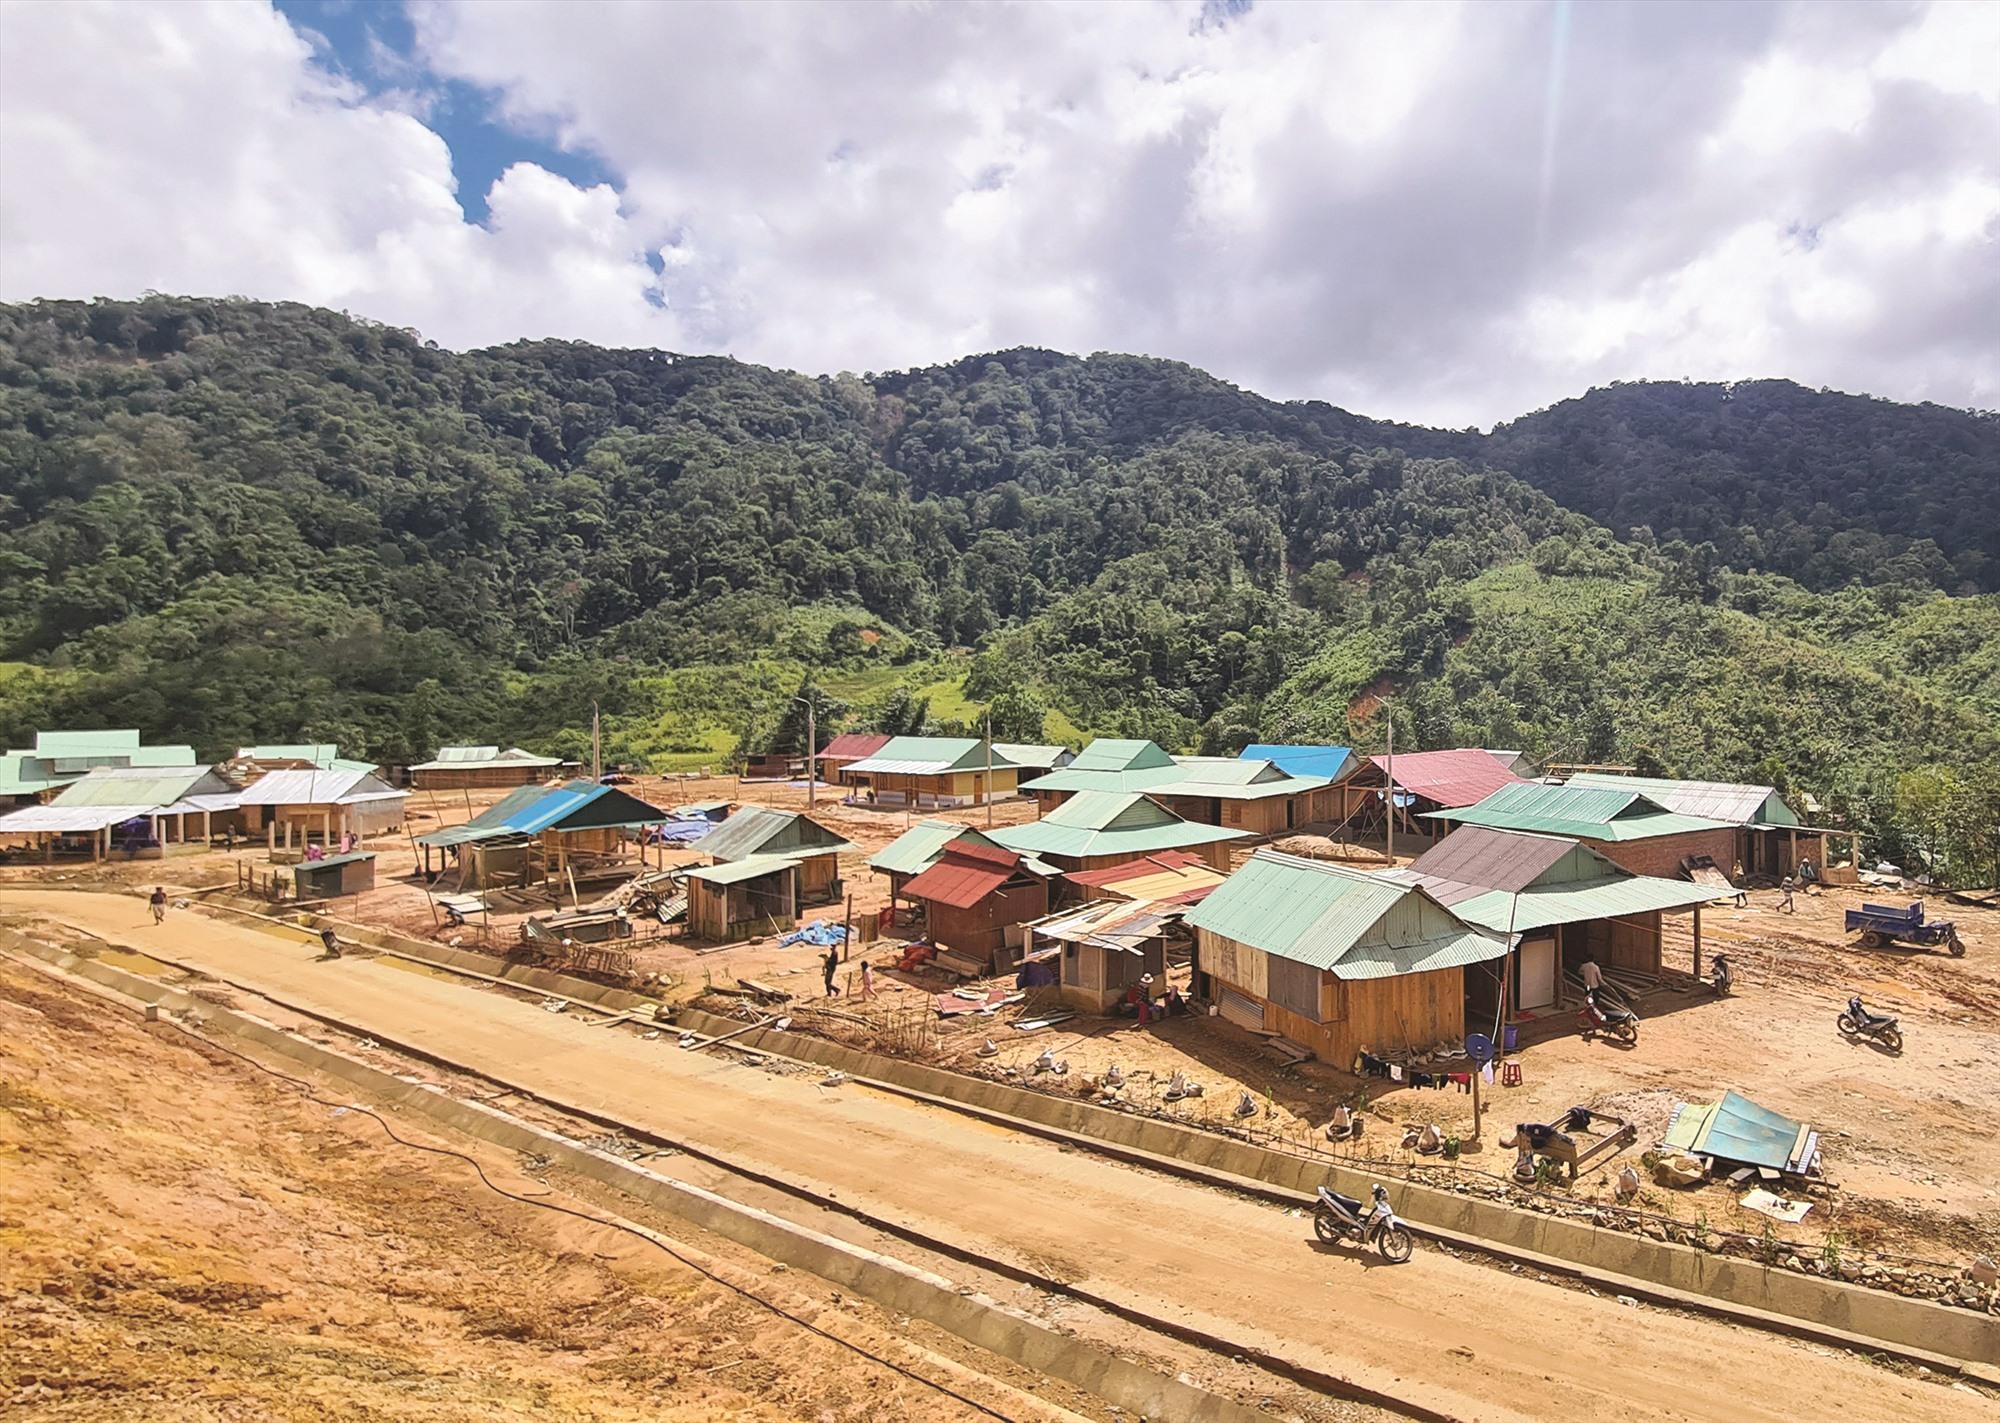 Sau thiên tai, người dân thôn Ga'nil (xã A Xan, Tây Giang) đang dần hoàn thiện nhà ở trên mặt bằng định cư mới. Ảnh: ALĂNG NGƯỚC